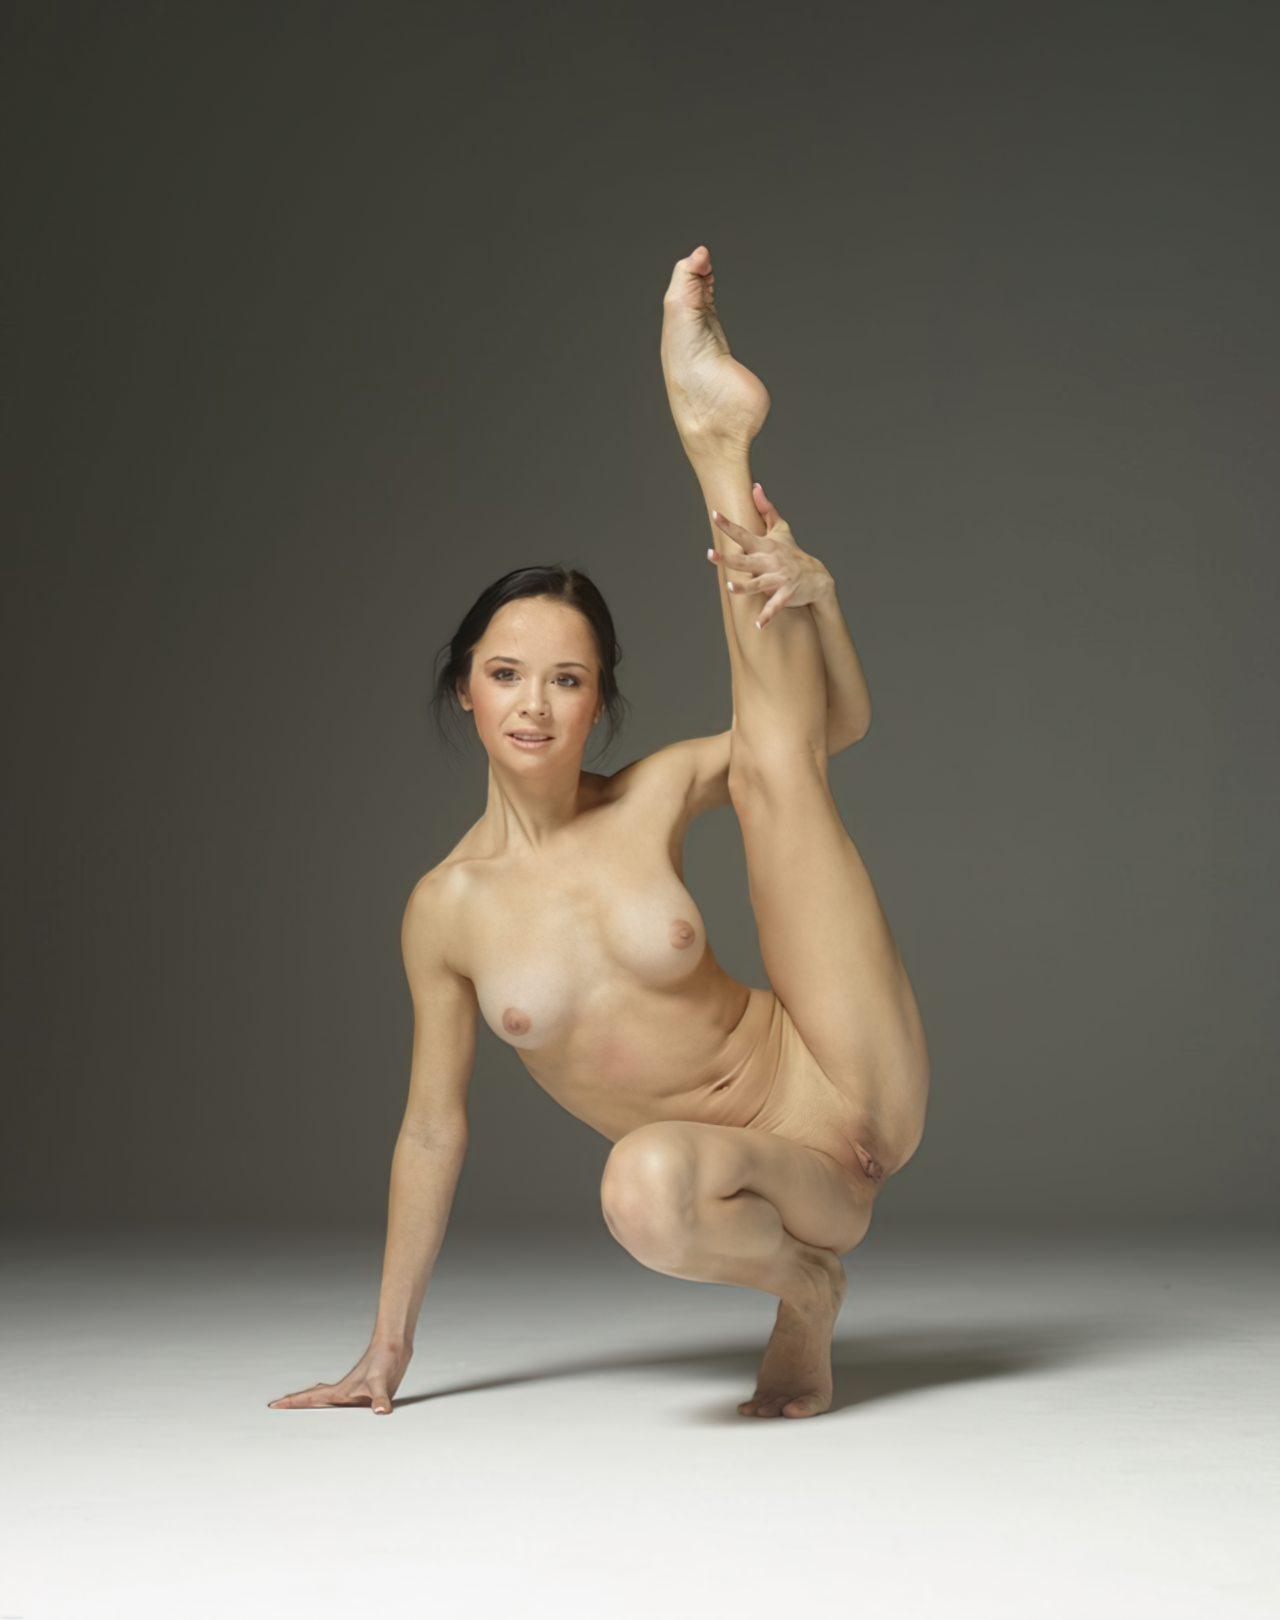 Mulher Flexivel Pelada (6)